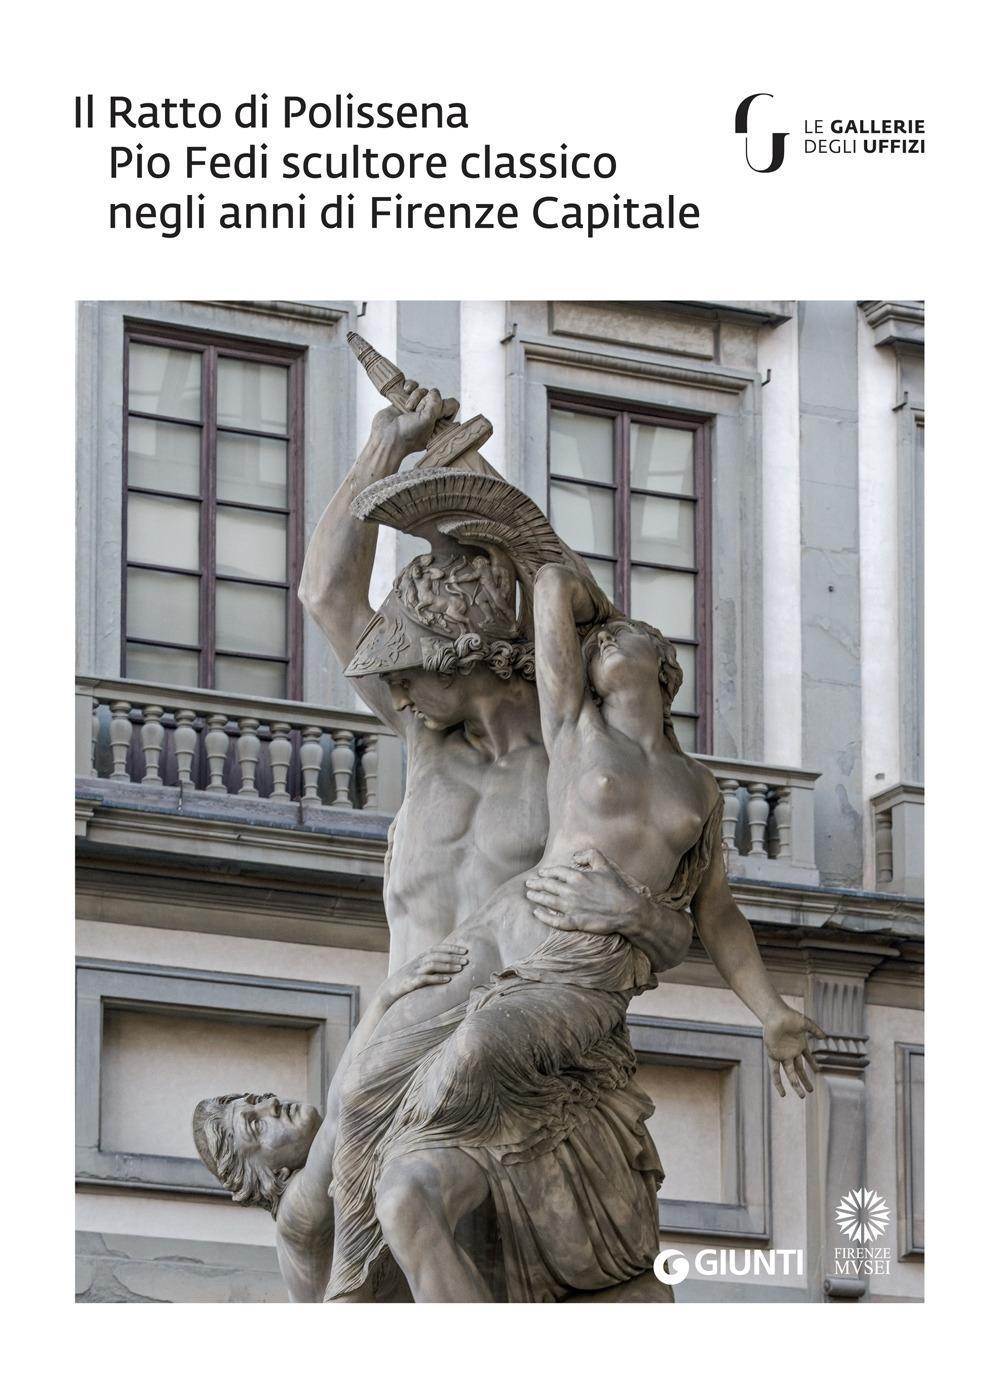 Il Ratto di Polissena. Pio Fedi scultore classico negli anni di Firenze Capitale